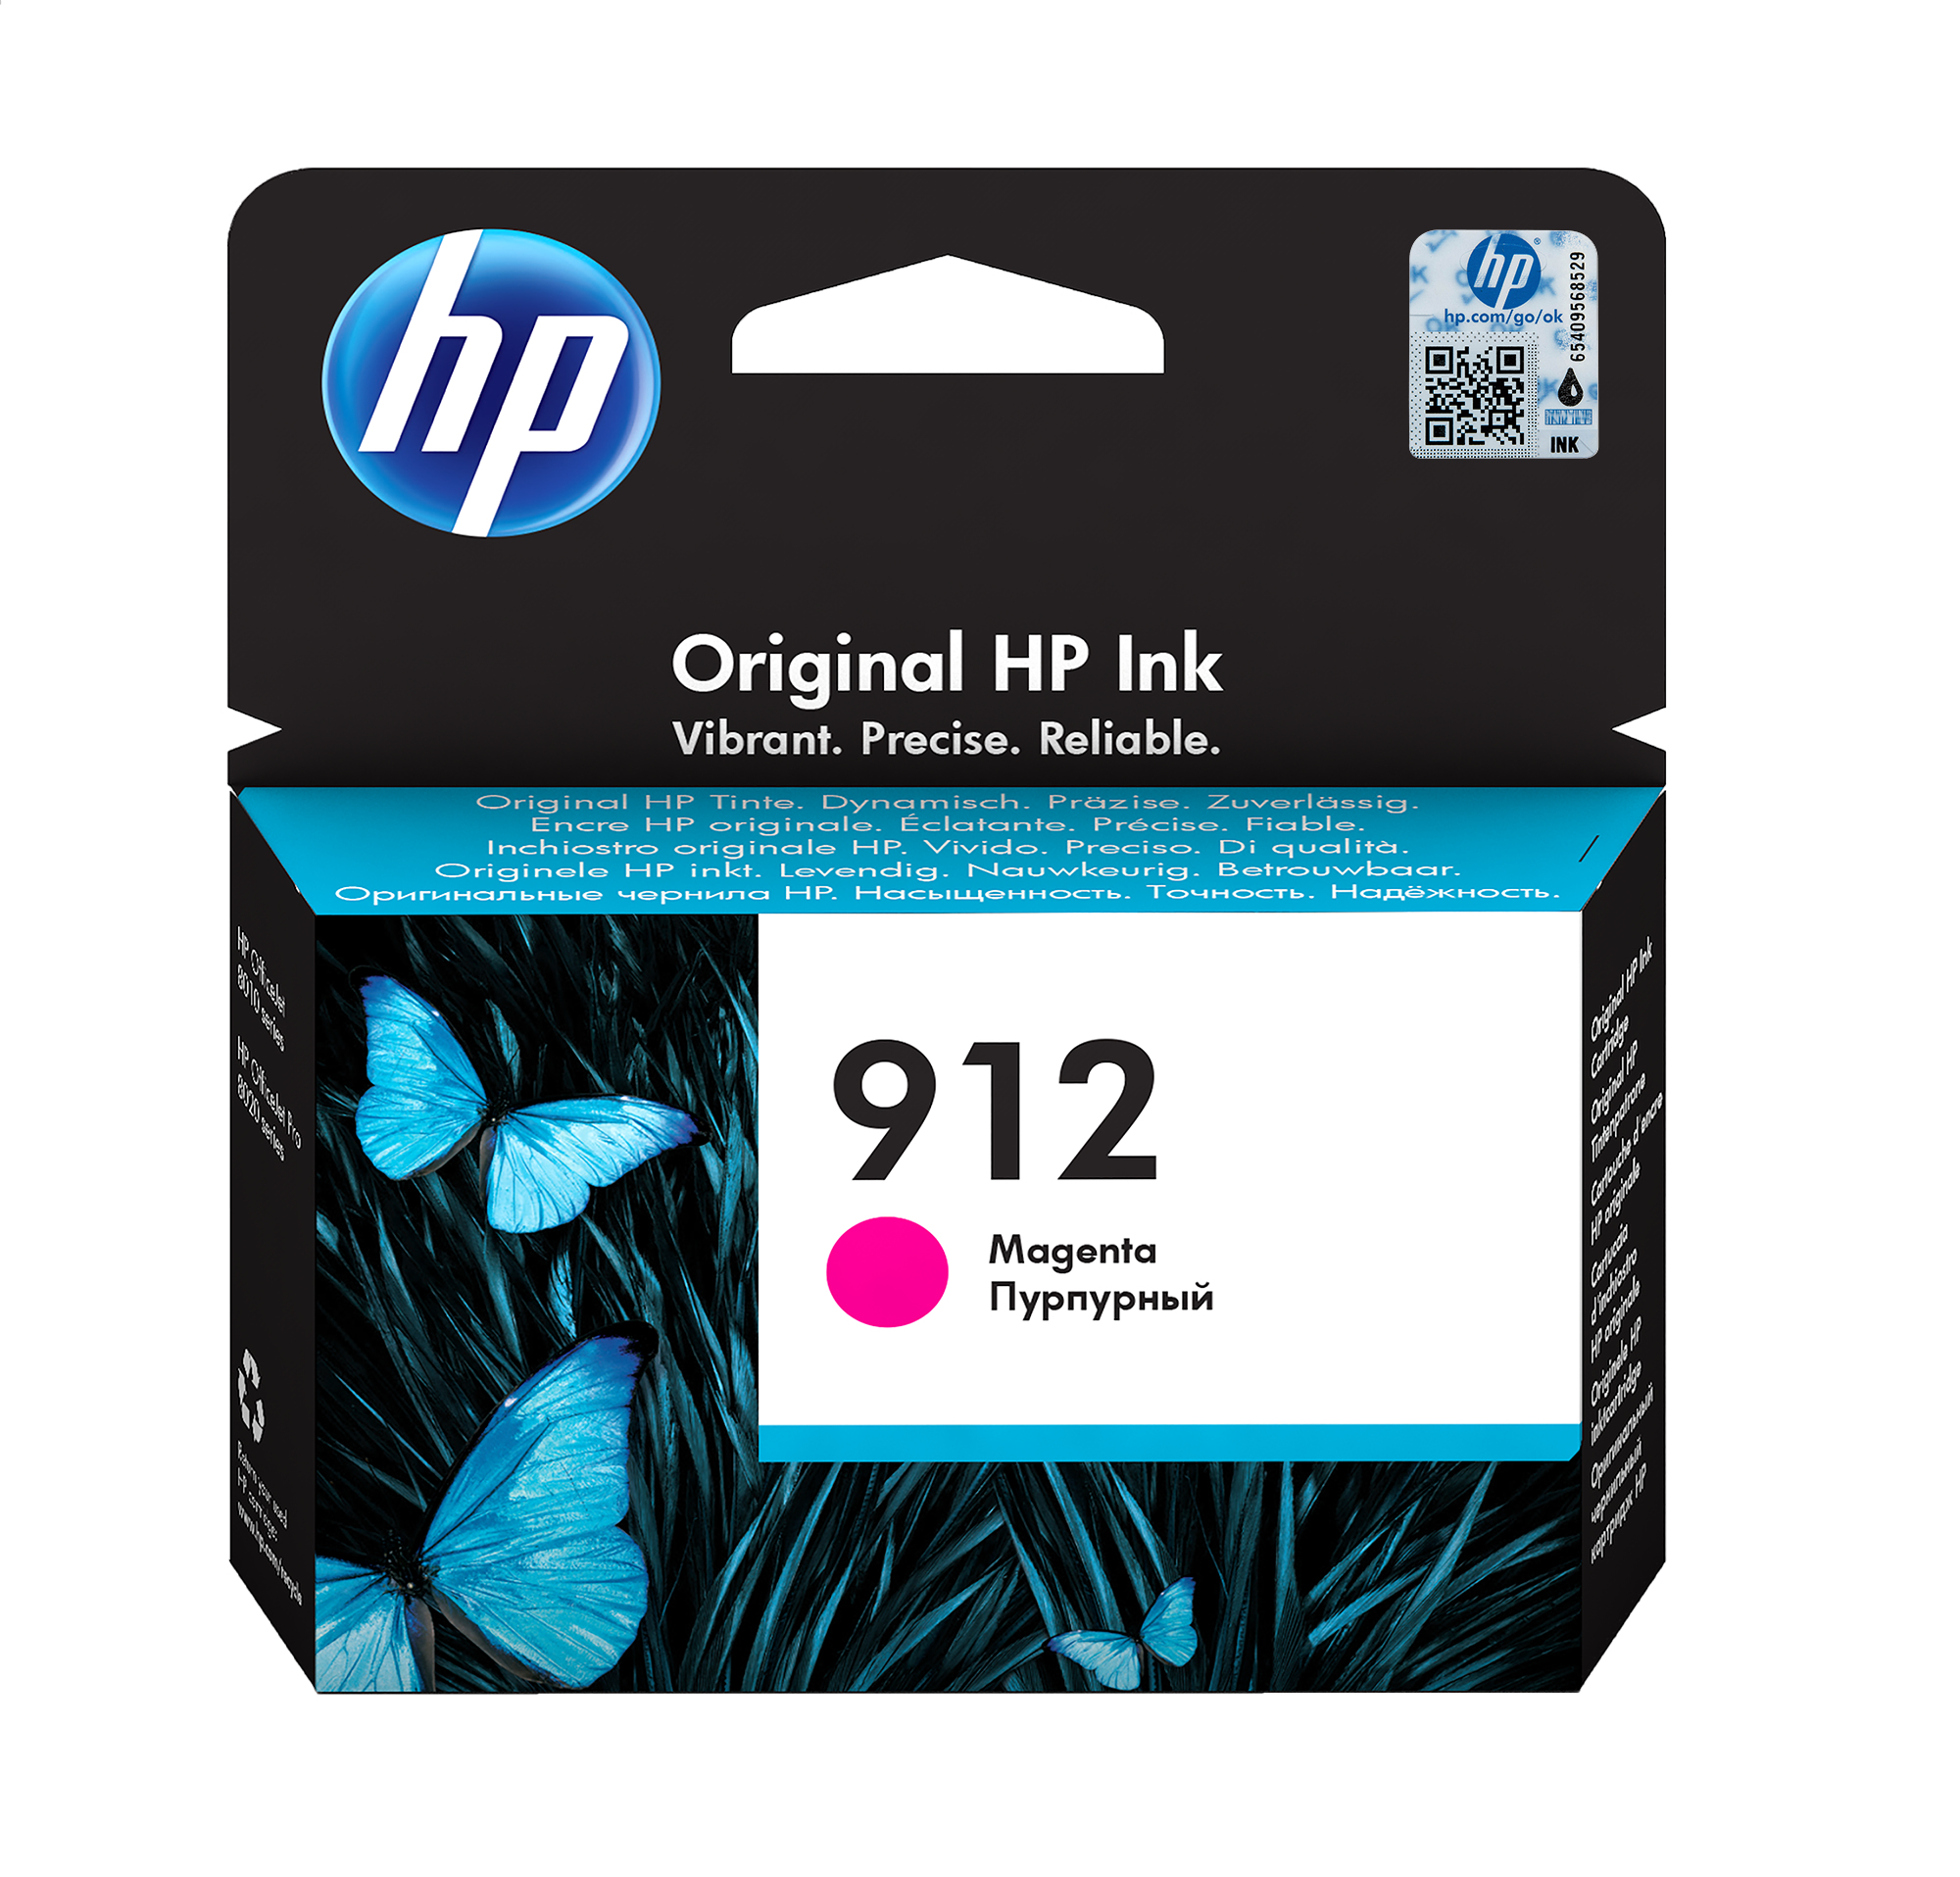 HP 912 Origineel Medium magenta 1 stuk(s)